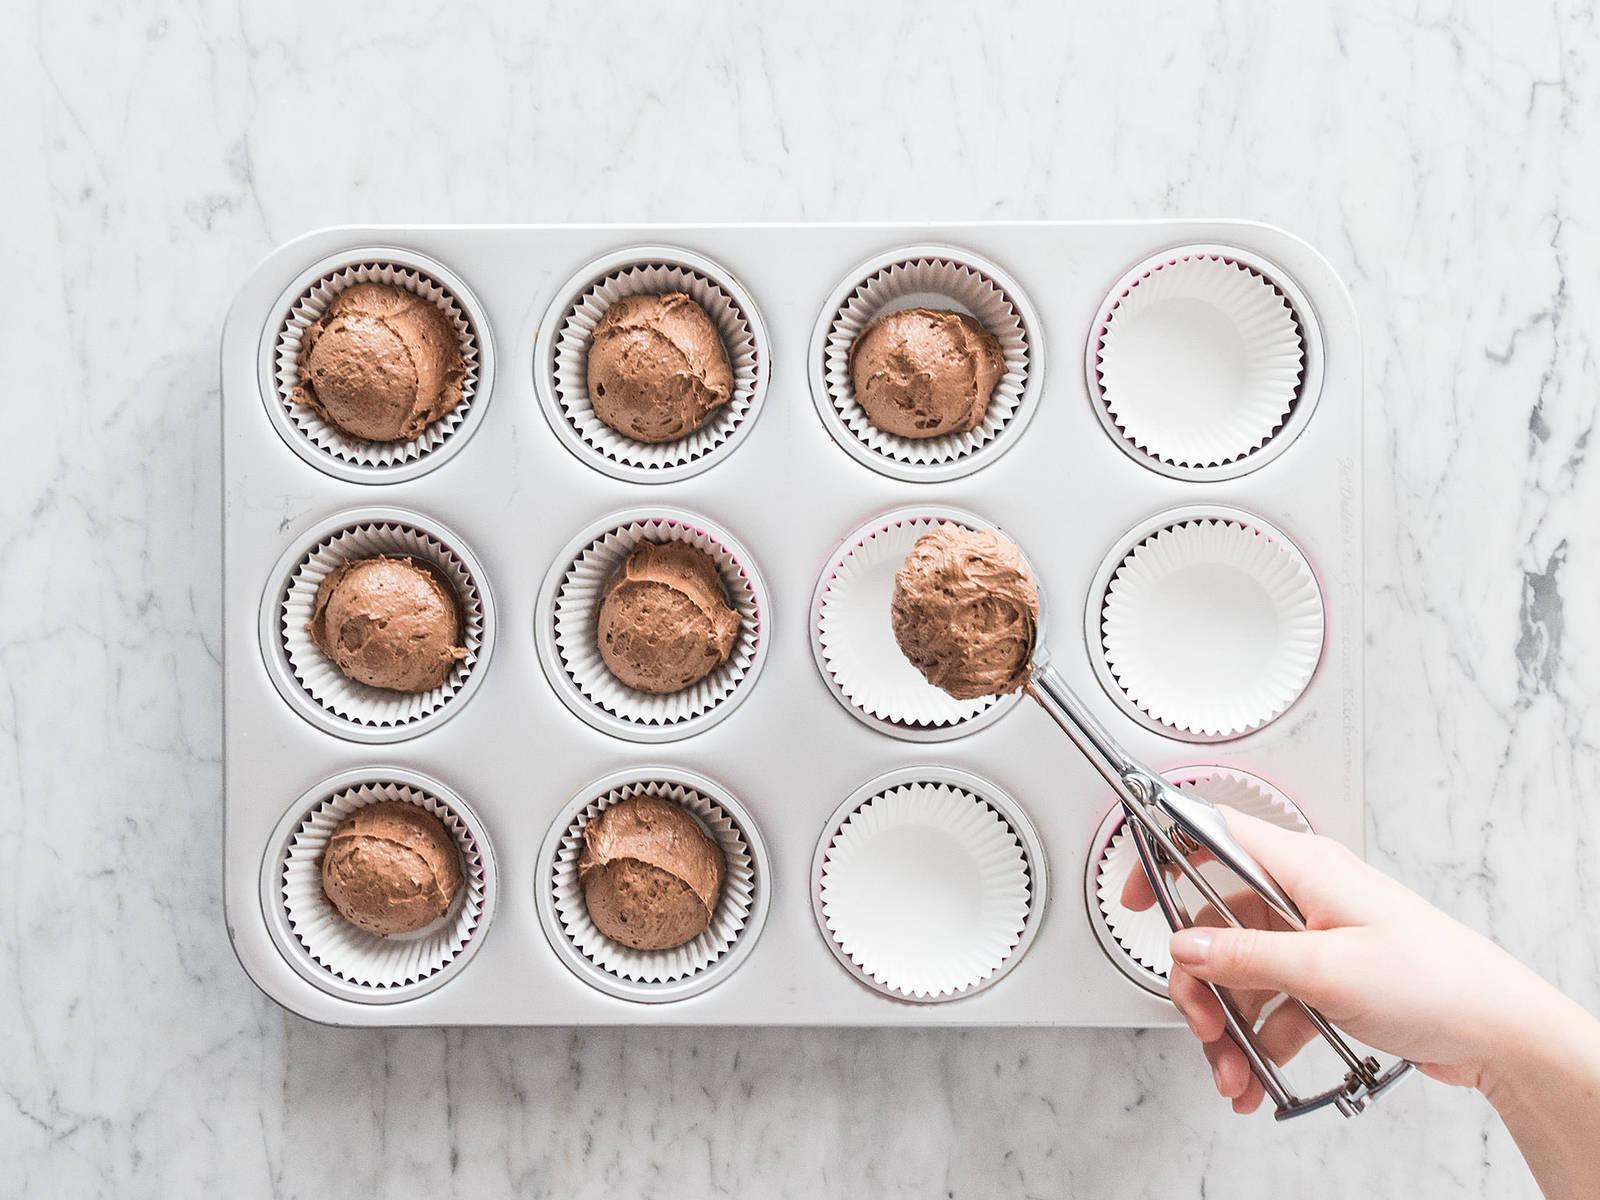 在每个蛋糕杯中倒满一半面糊,放入烤箱中,以200度烤16-18分钟。放到冷却架上冷却。